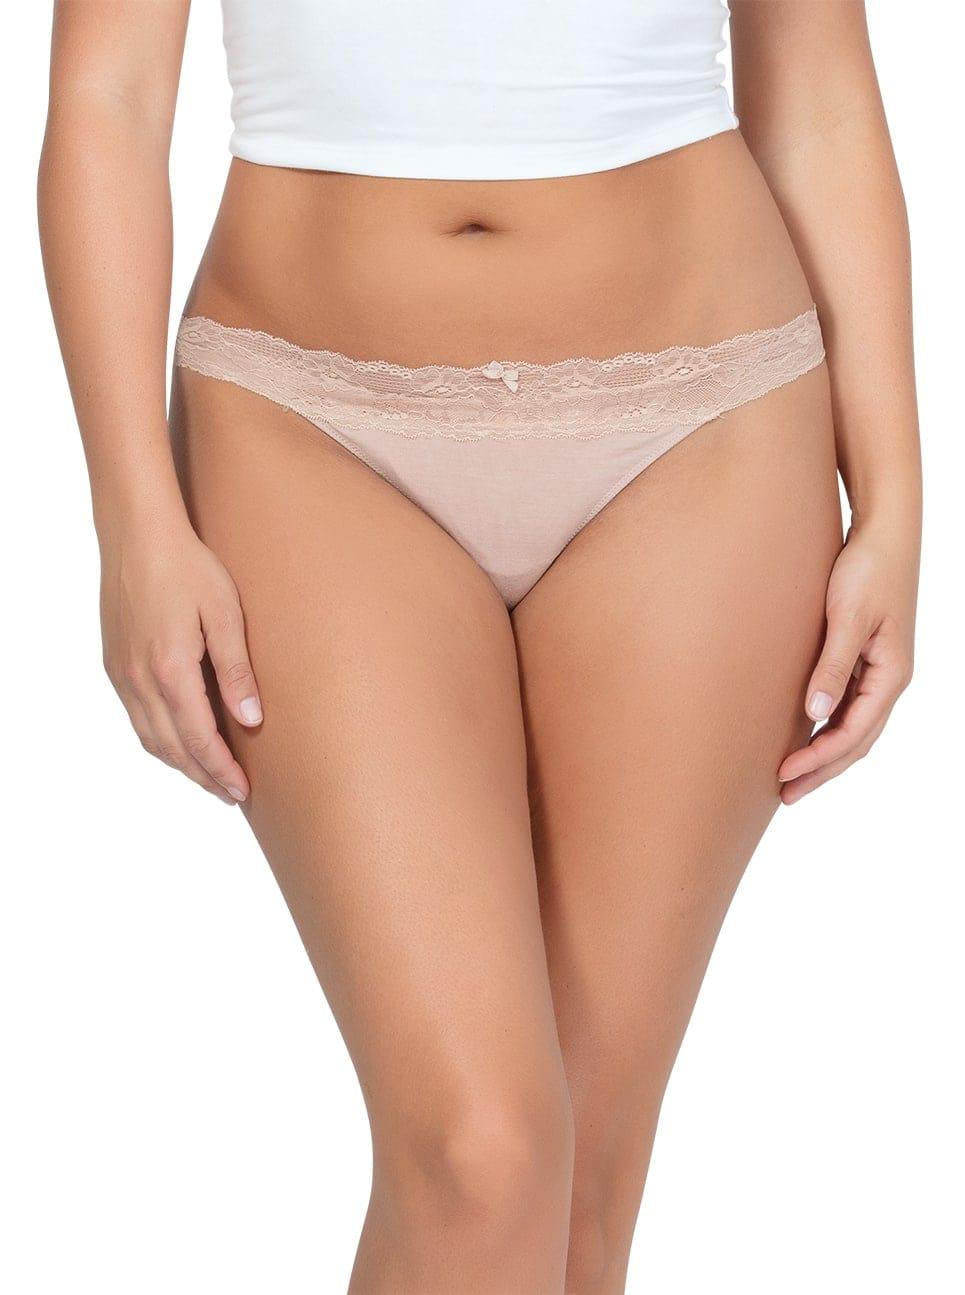 PARFAIT ParfaitPanty SoEssential ThongPP403 Bare Front - Parfait Panty So Essential Thong- Bare - PP403